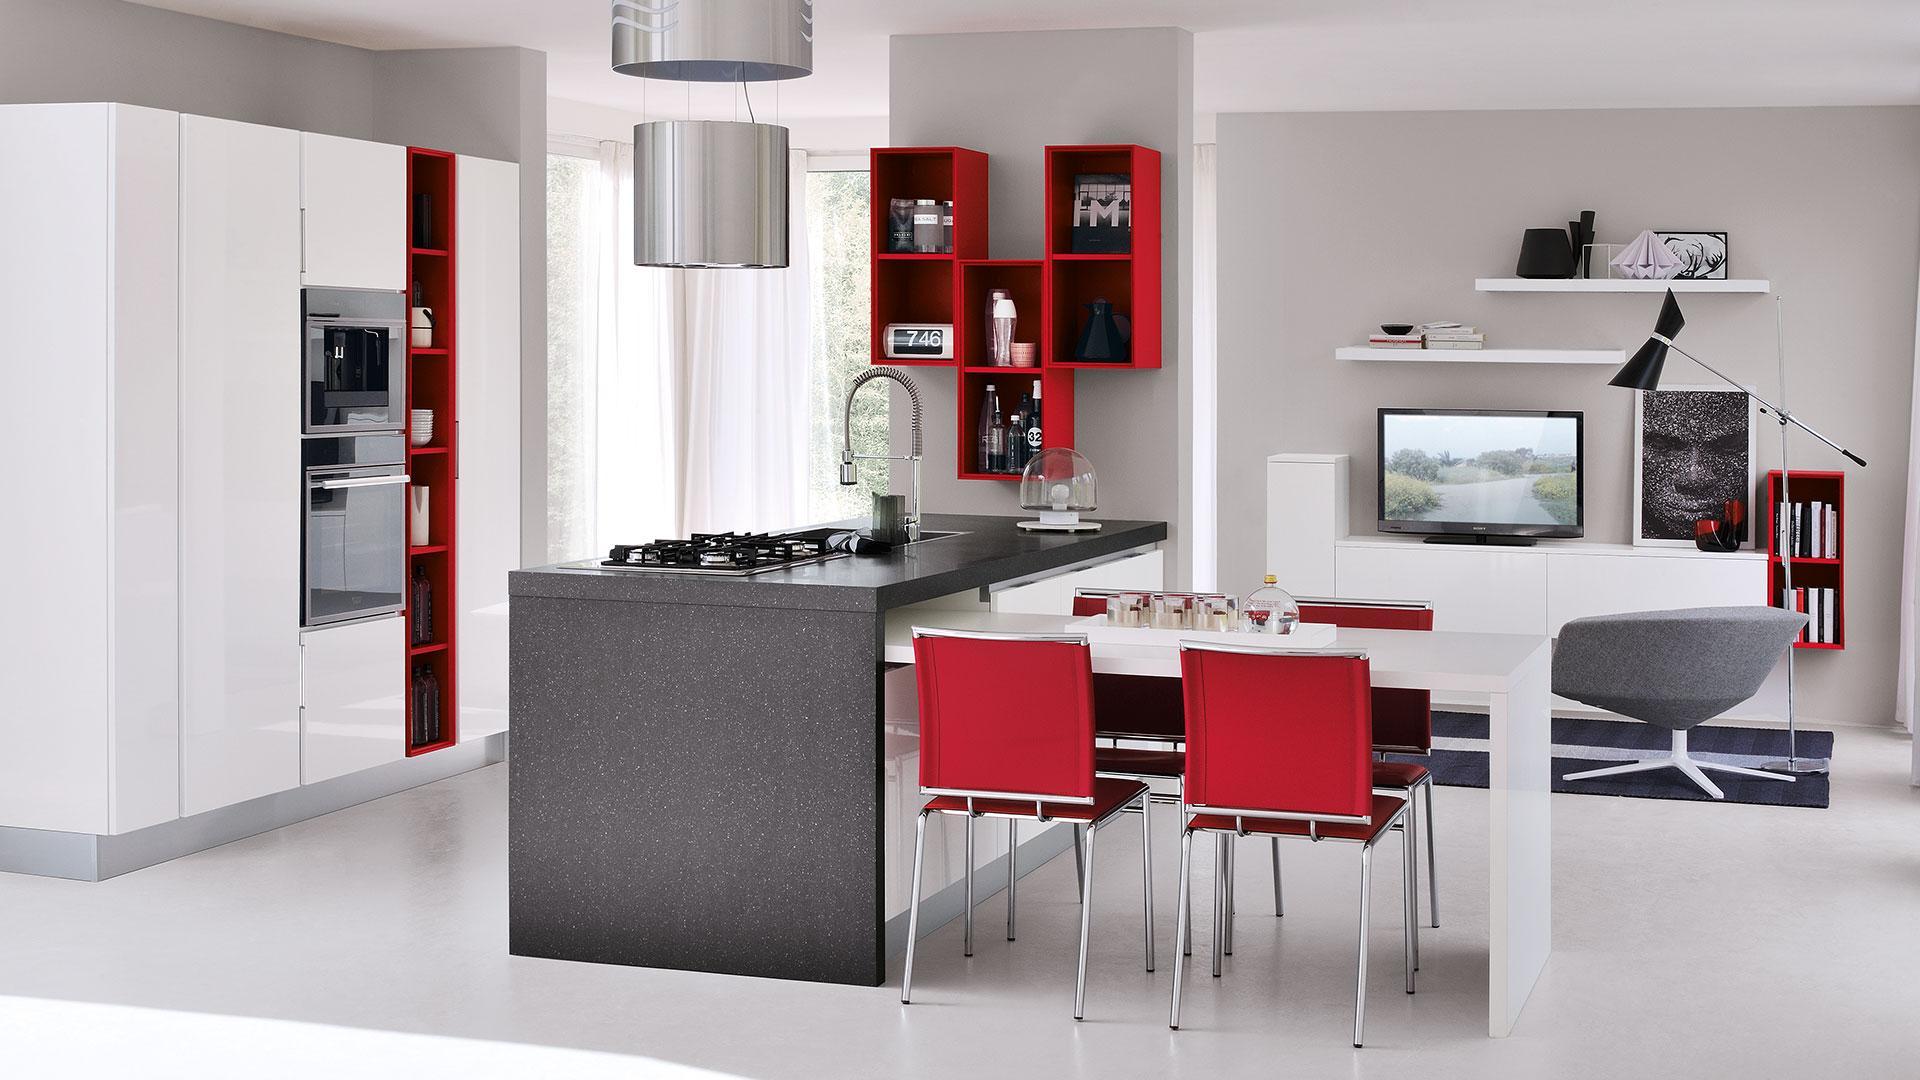 81186-essenza - Lube e Creo Store Corsico - Vendita Cucine Lube e Creo